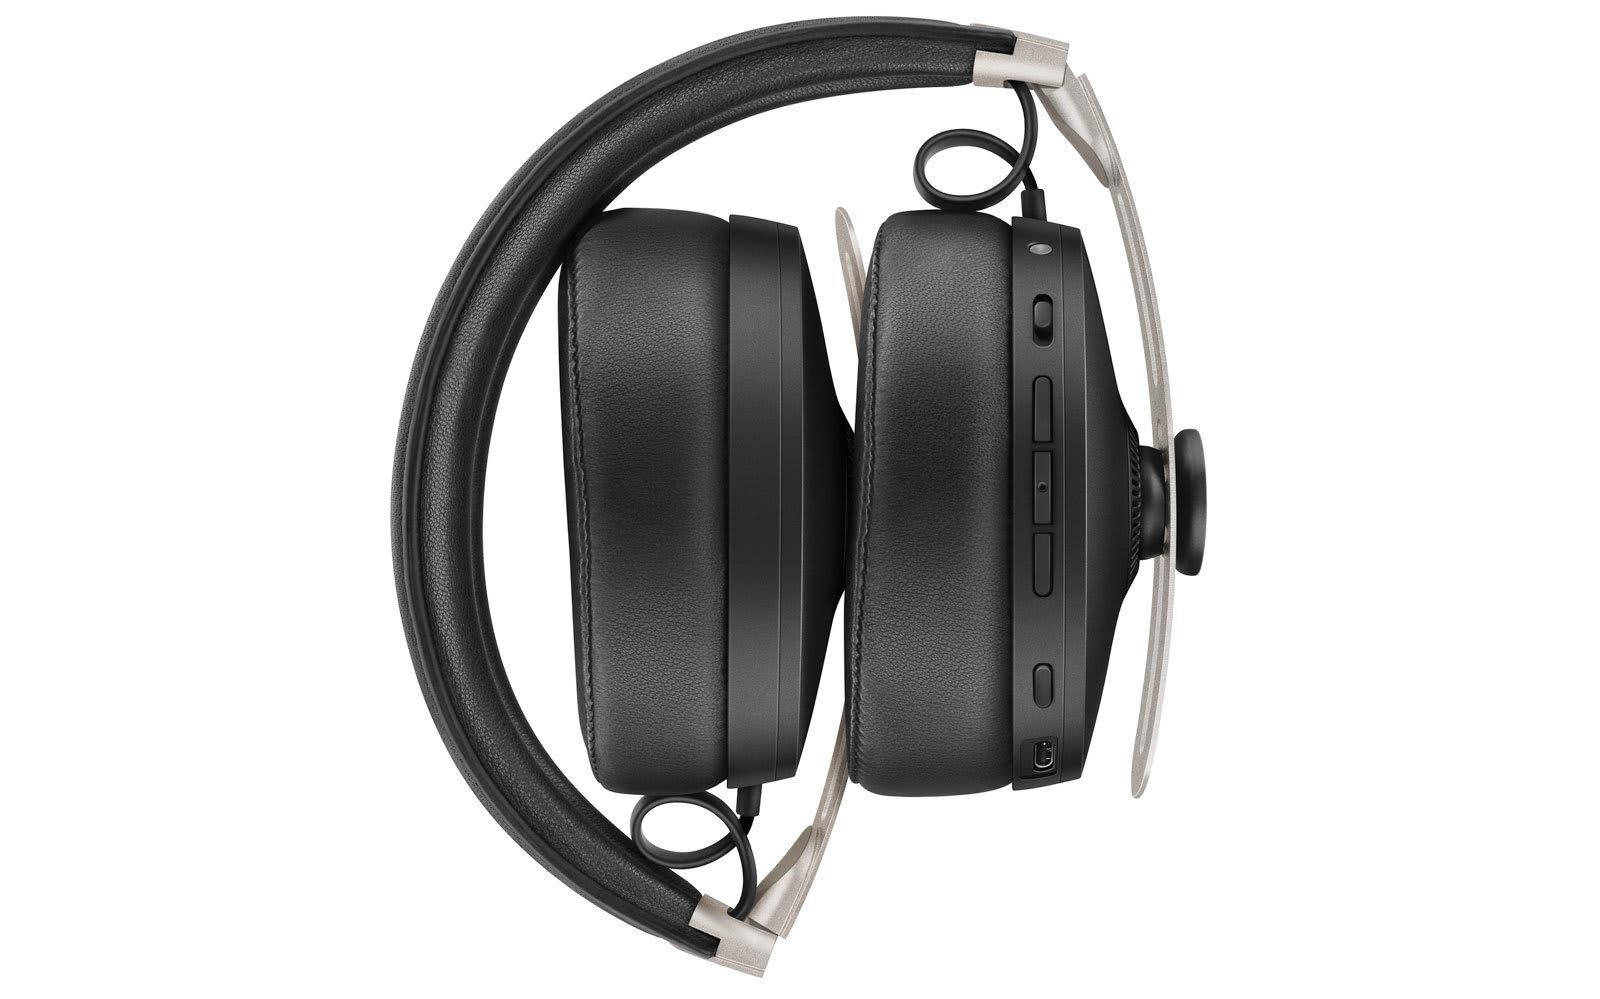 Momentum Wireless 3